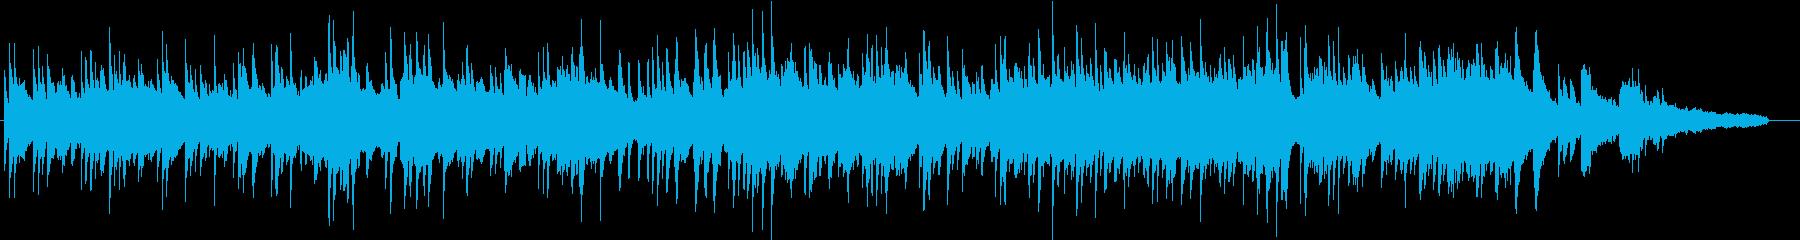 幻想的な雰囲気のピアノソロのバラードの再生済みの波形